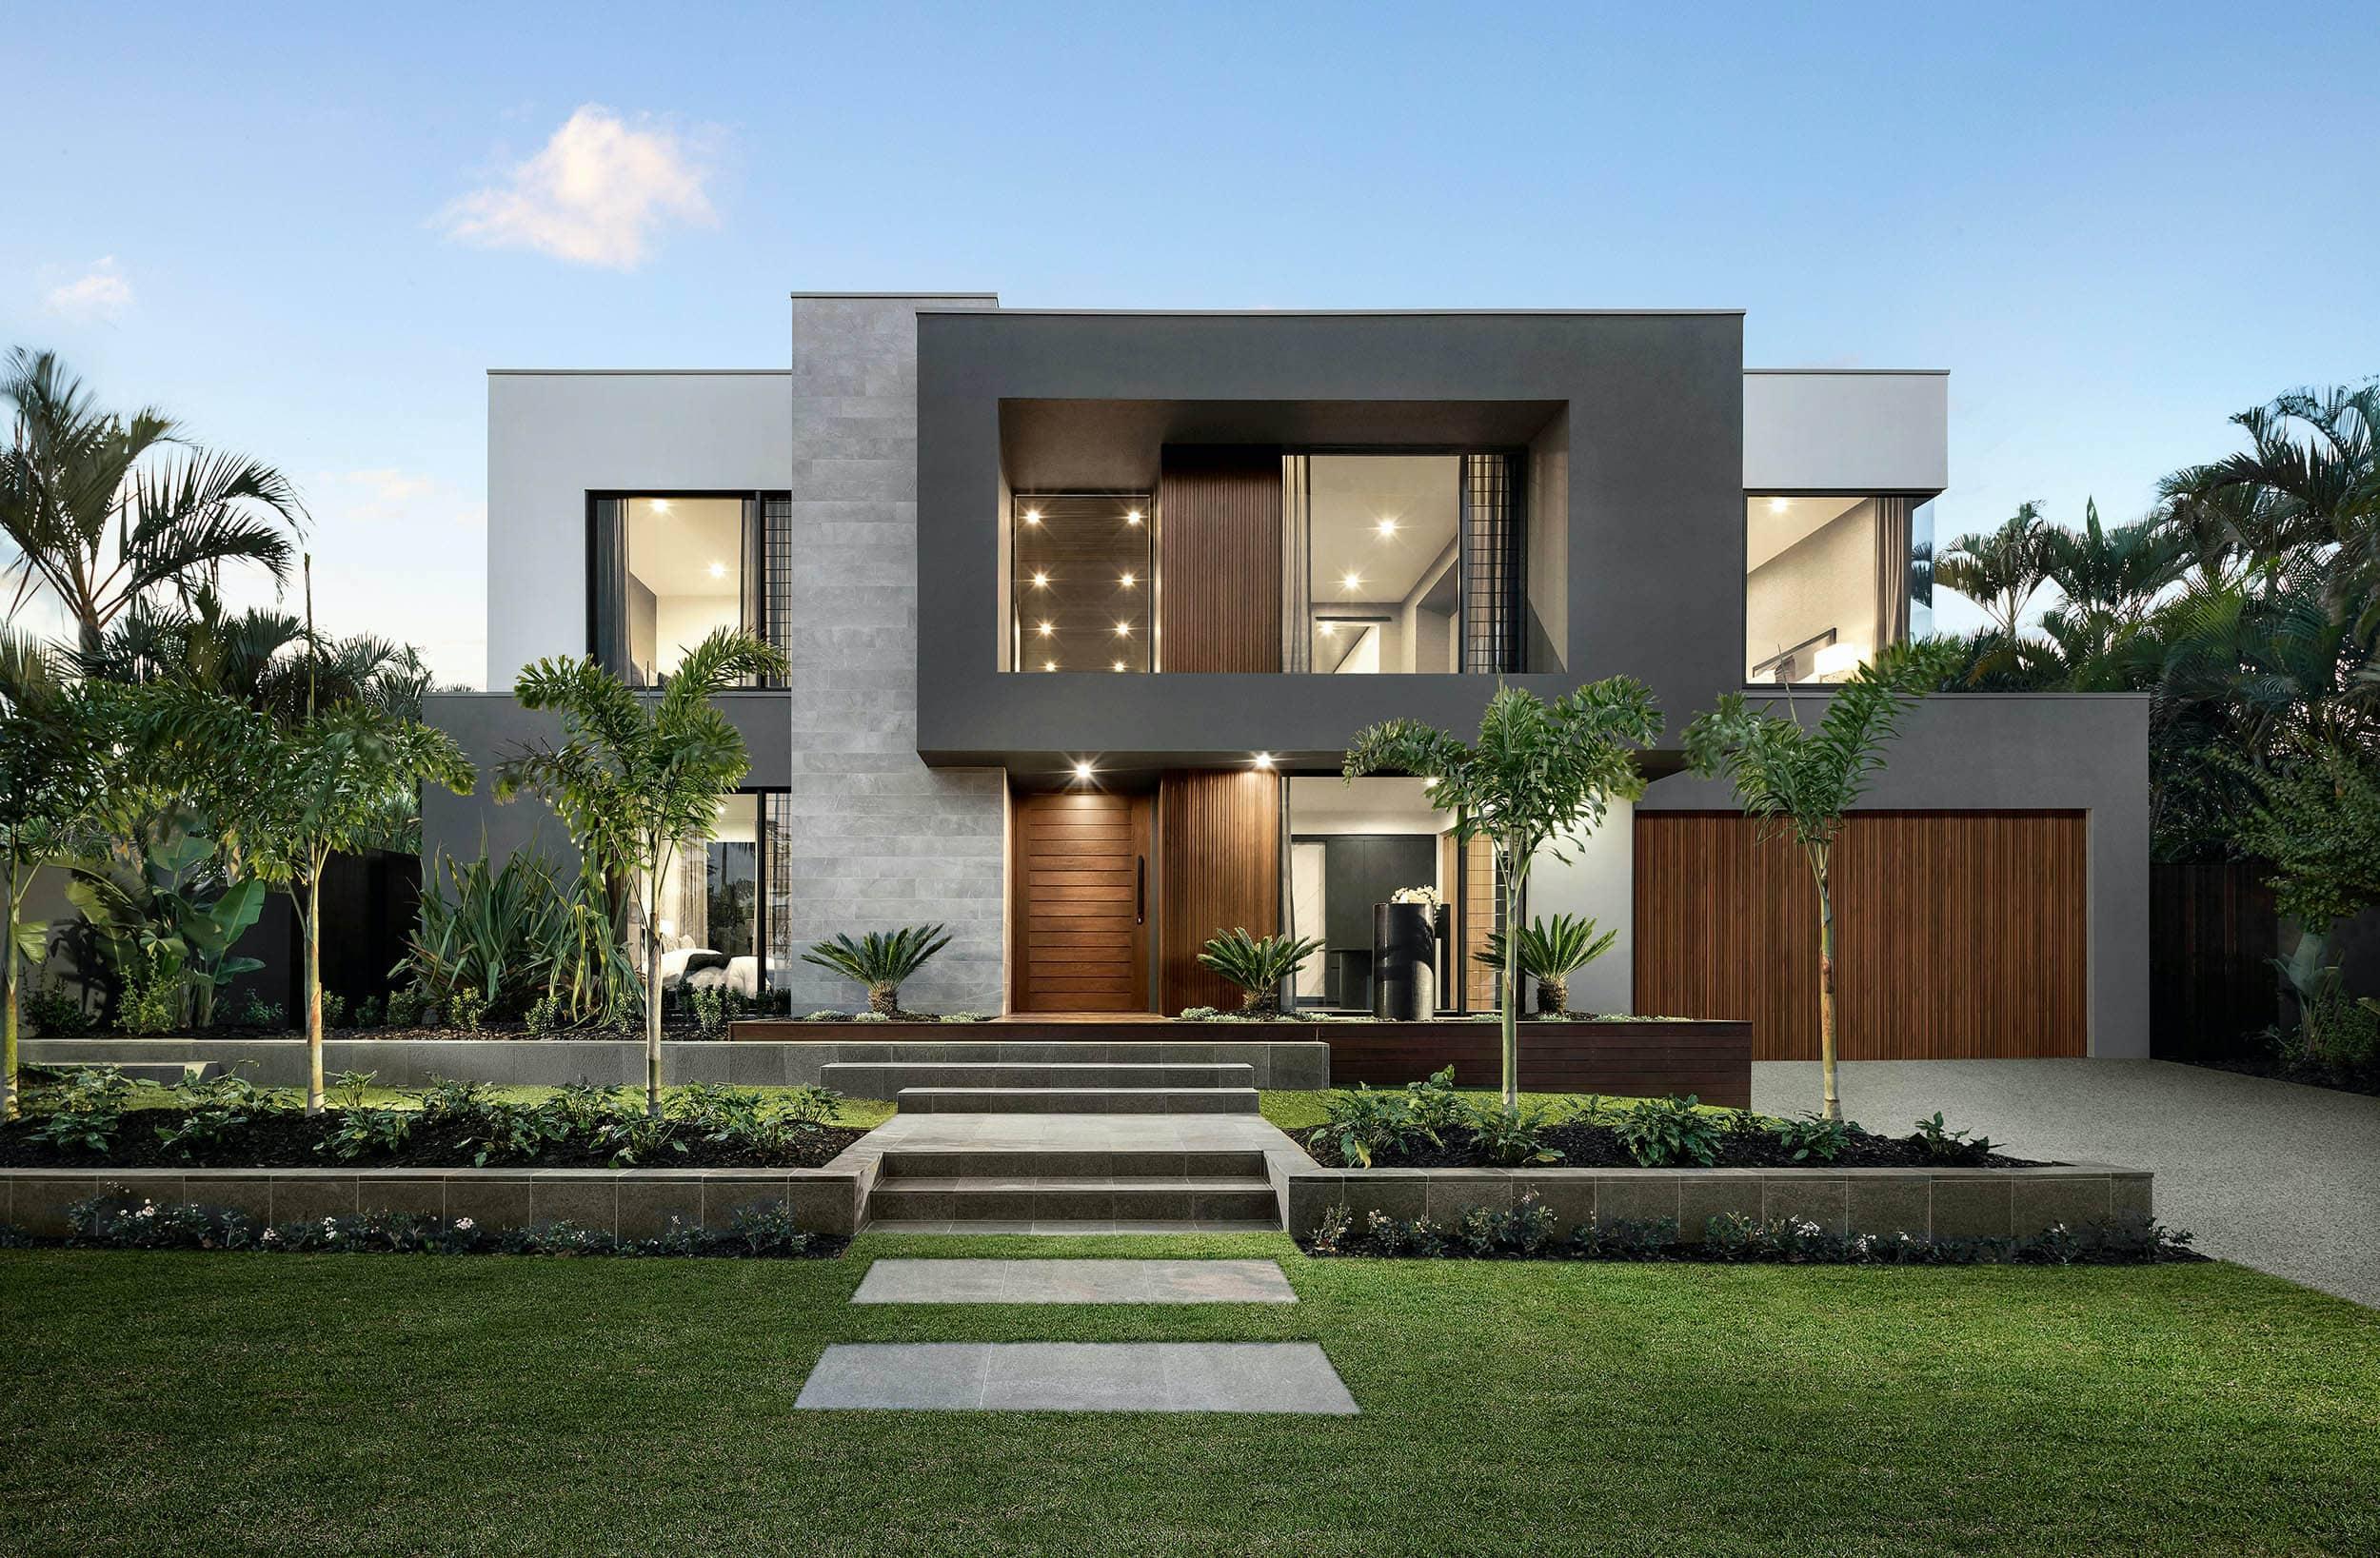 metricon riviera show home dark neutral interior design grey modern home facade